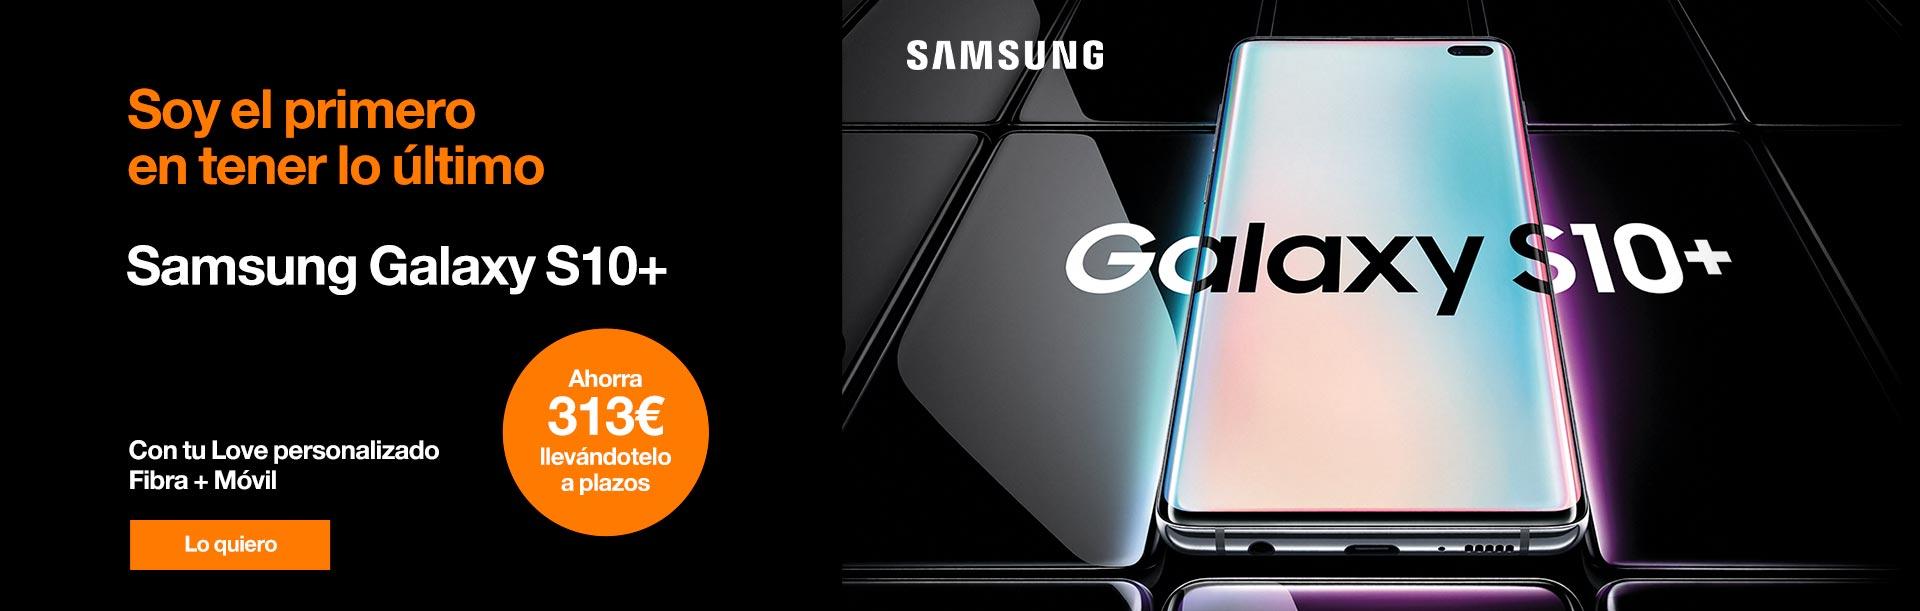 Hazte ahora con el nuevo Samsung Galaxy S10 y ahorra 313 € llevándotelo a plazos